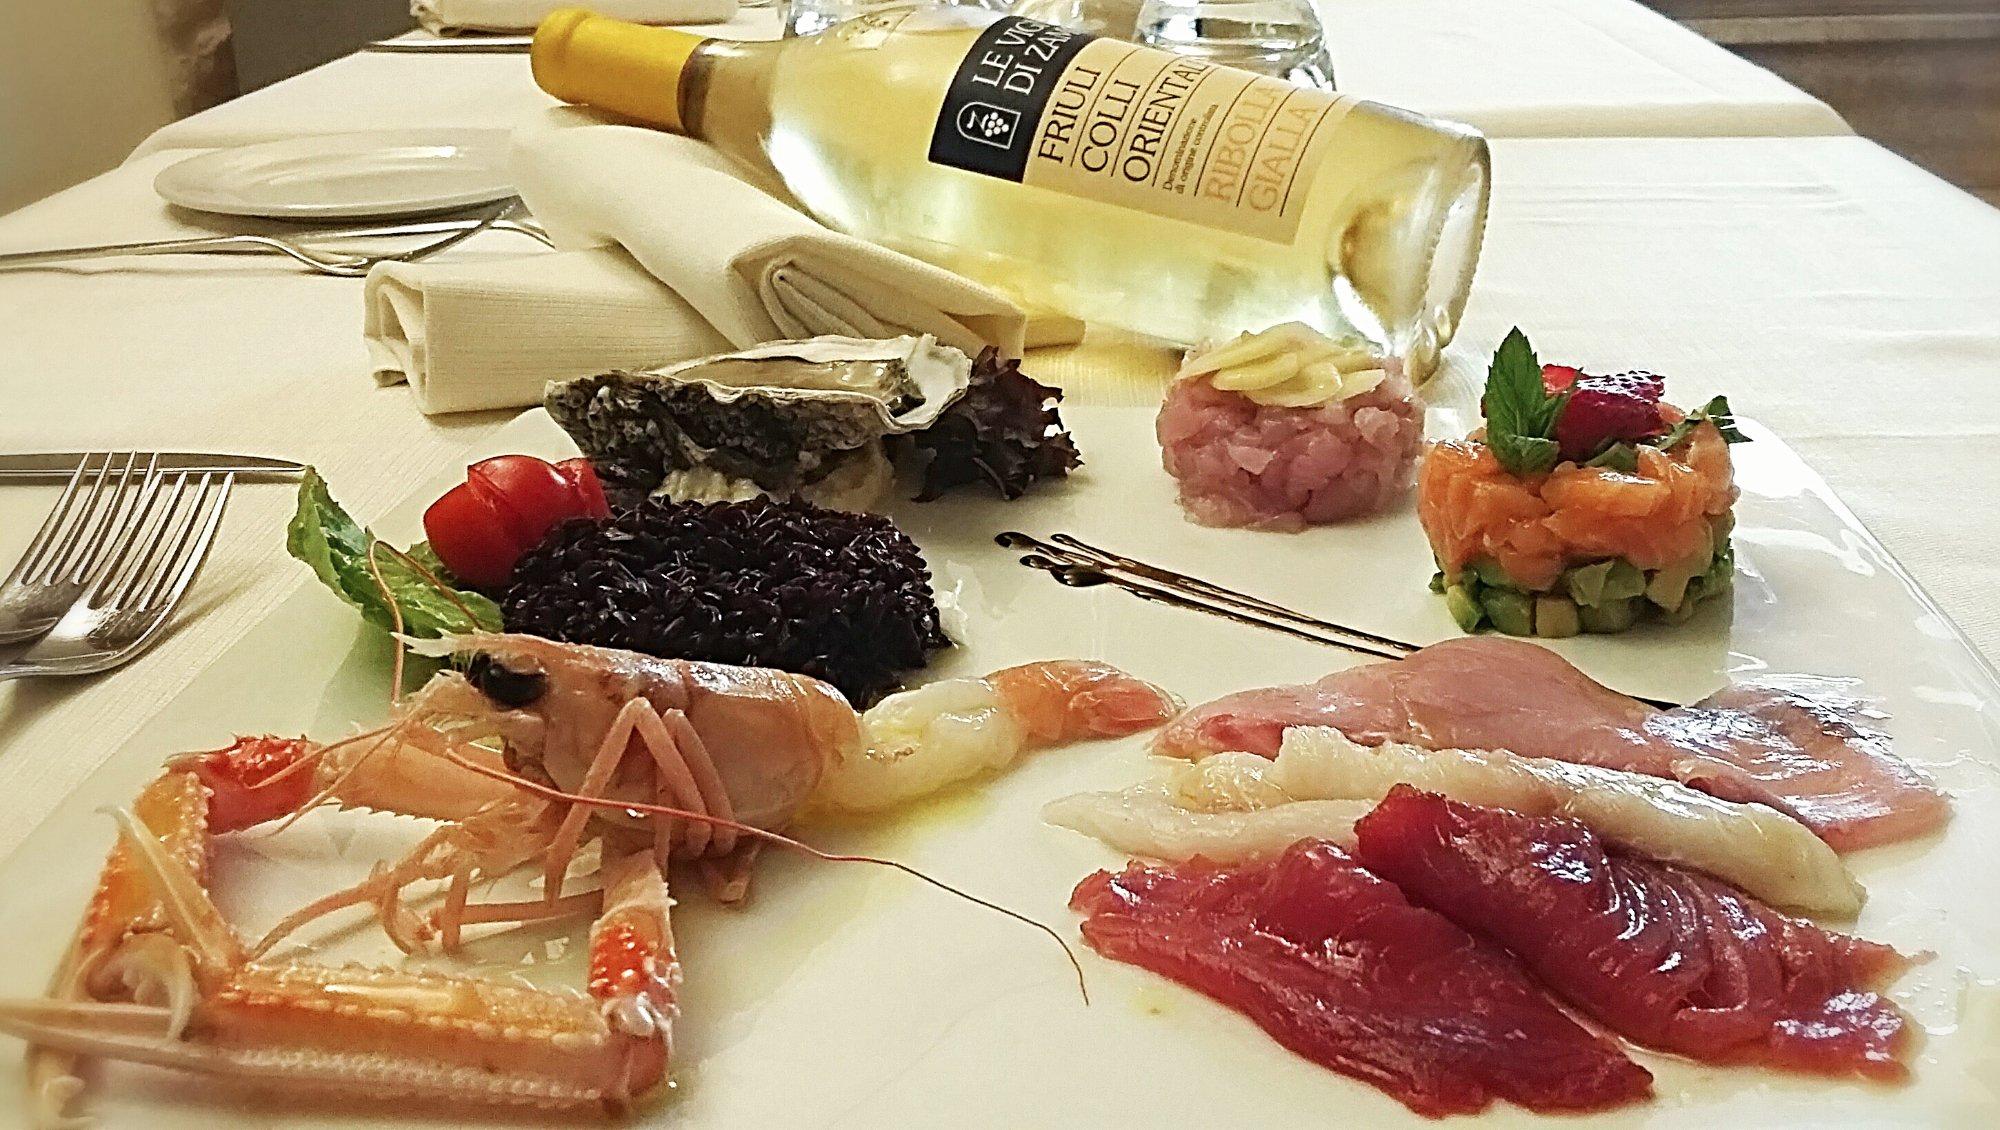 Super The 10 Best Restaurants Near Via Veneto - TripAdvisor SZ67